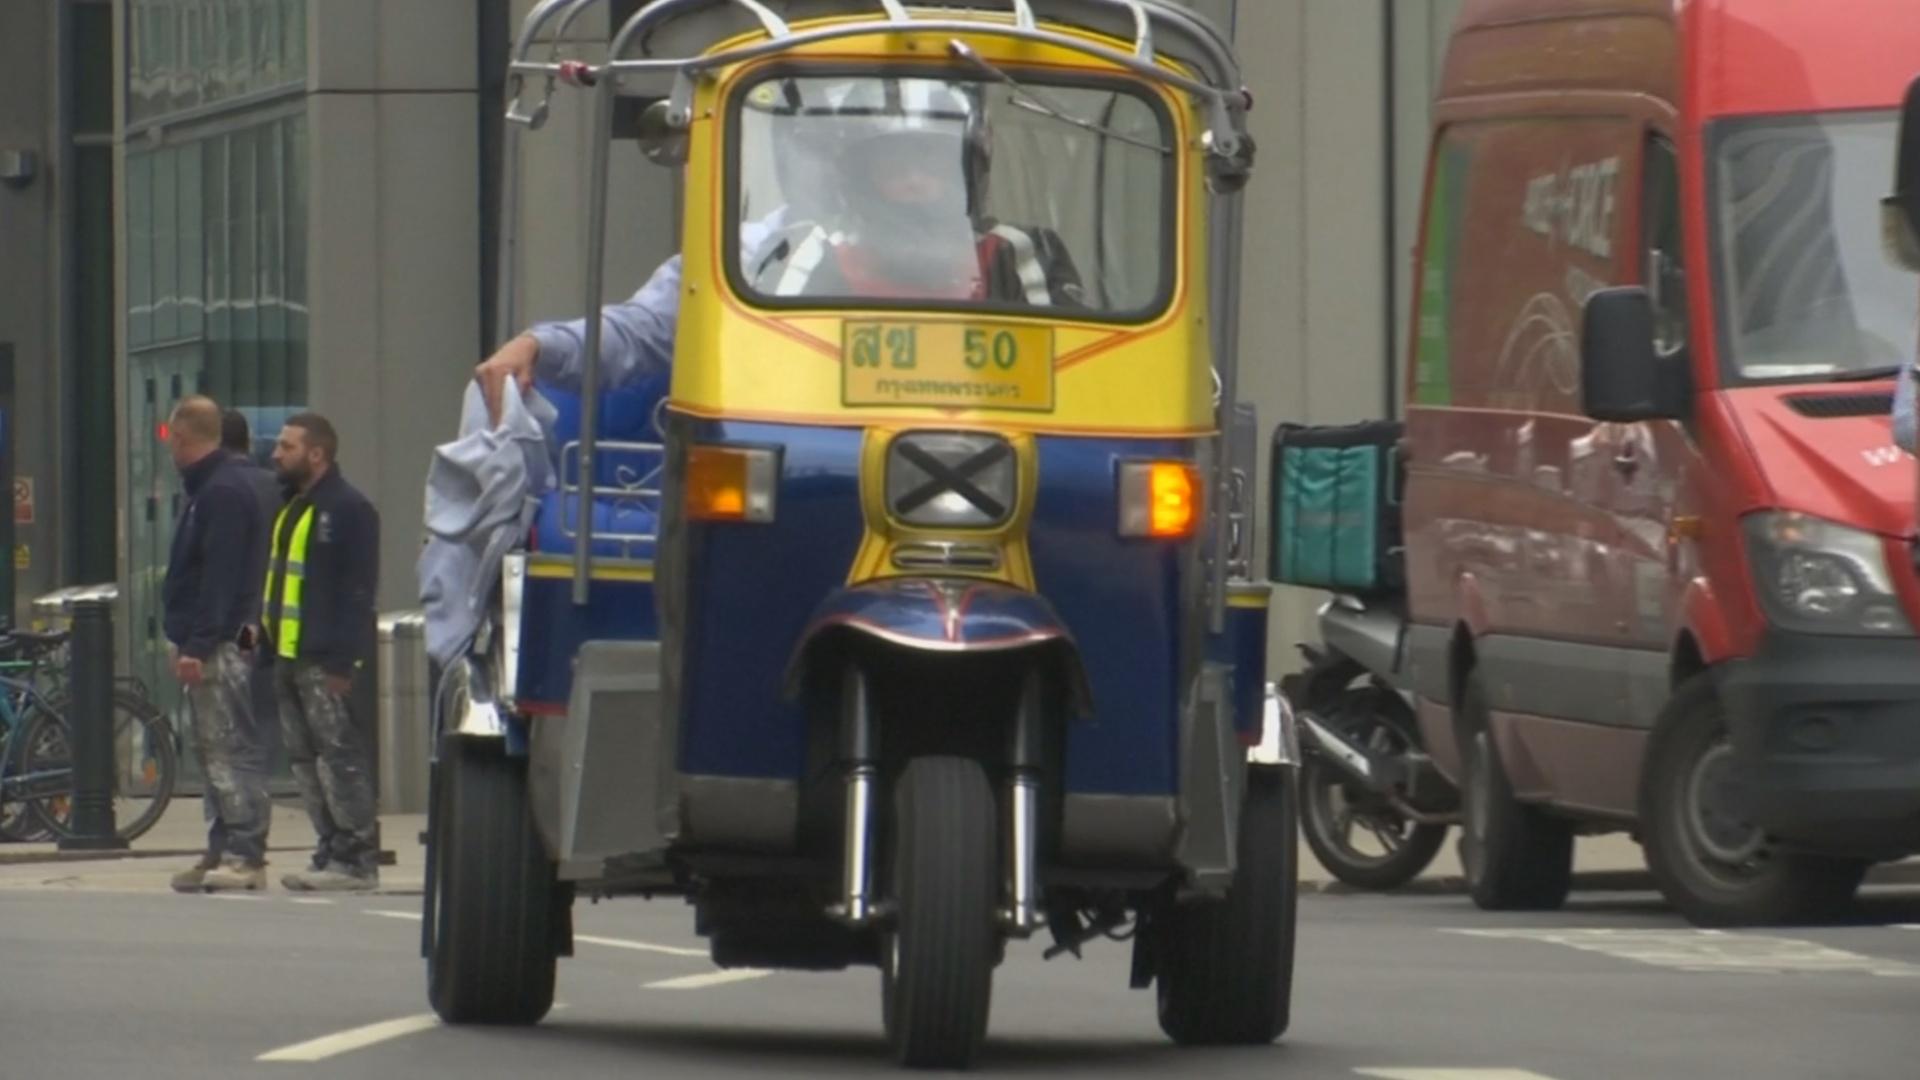 Британец хочет побить рекорд скорости на тюнинговой моторикше